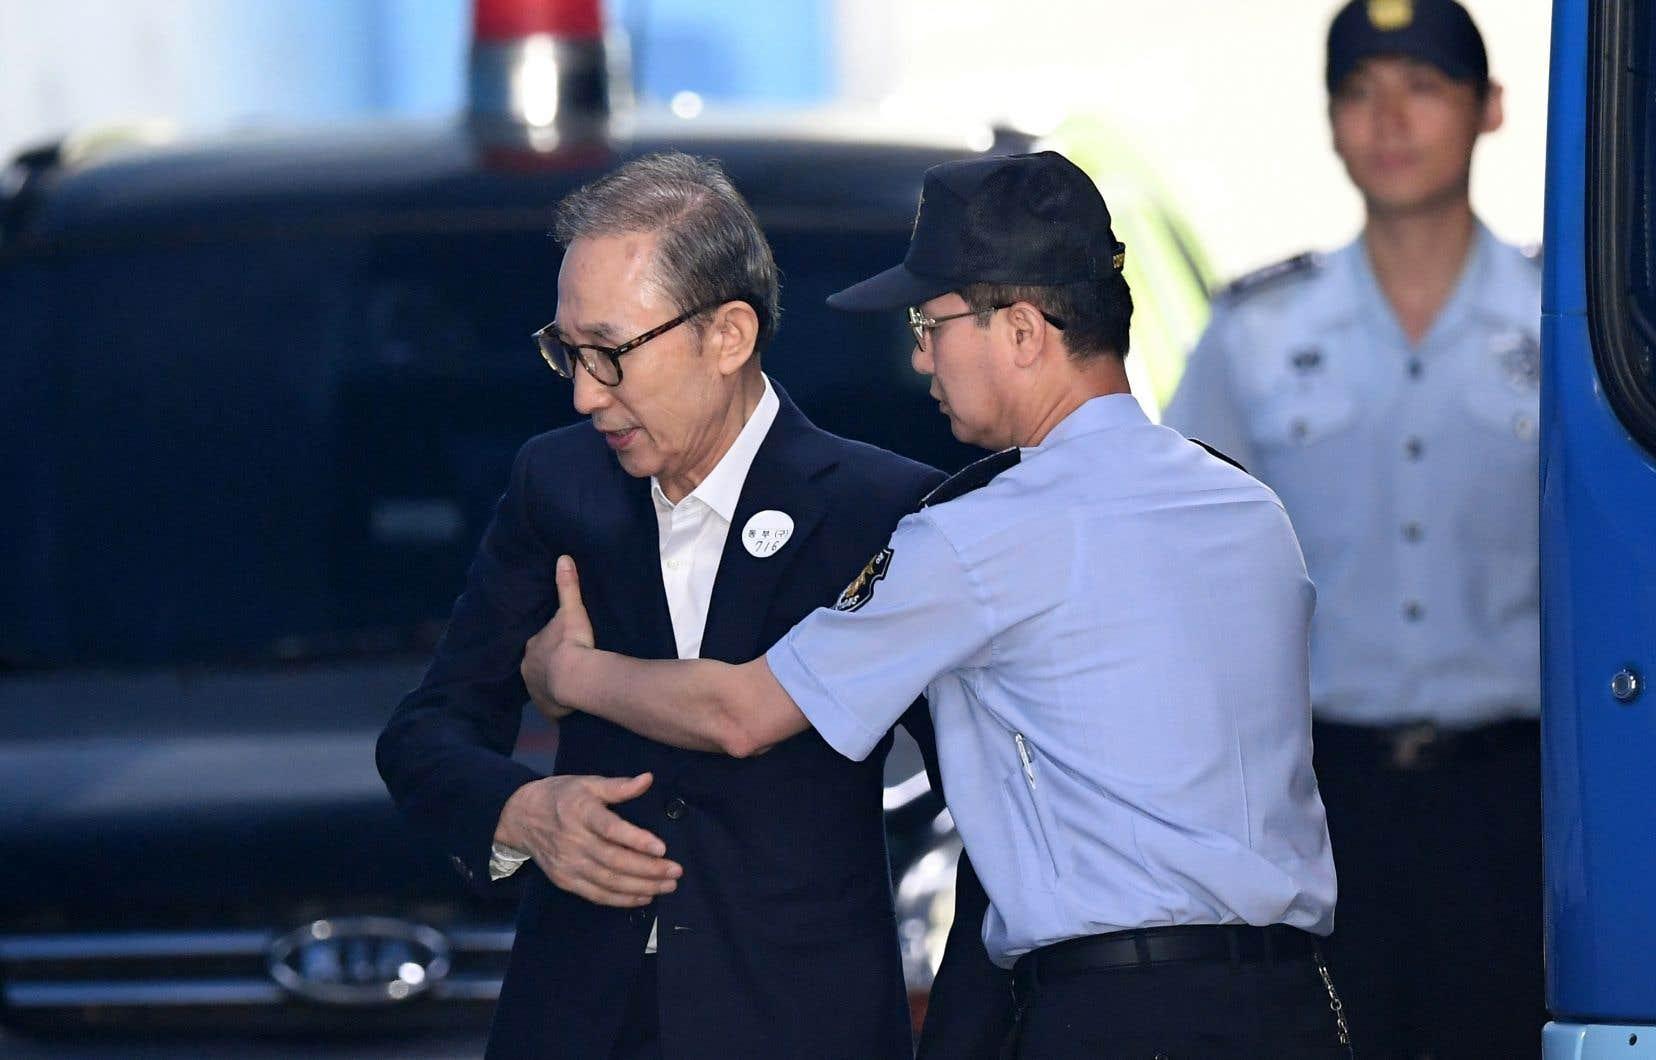 L'ex-président sud-coréen Lee Myung-bak n'était pas présent à la lecture du verdict. Il avait invoqué des raisons de santé pour ne pas assister à l'audience.